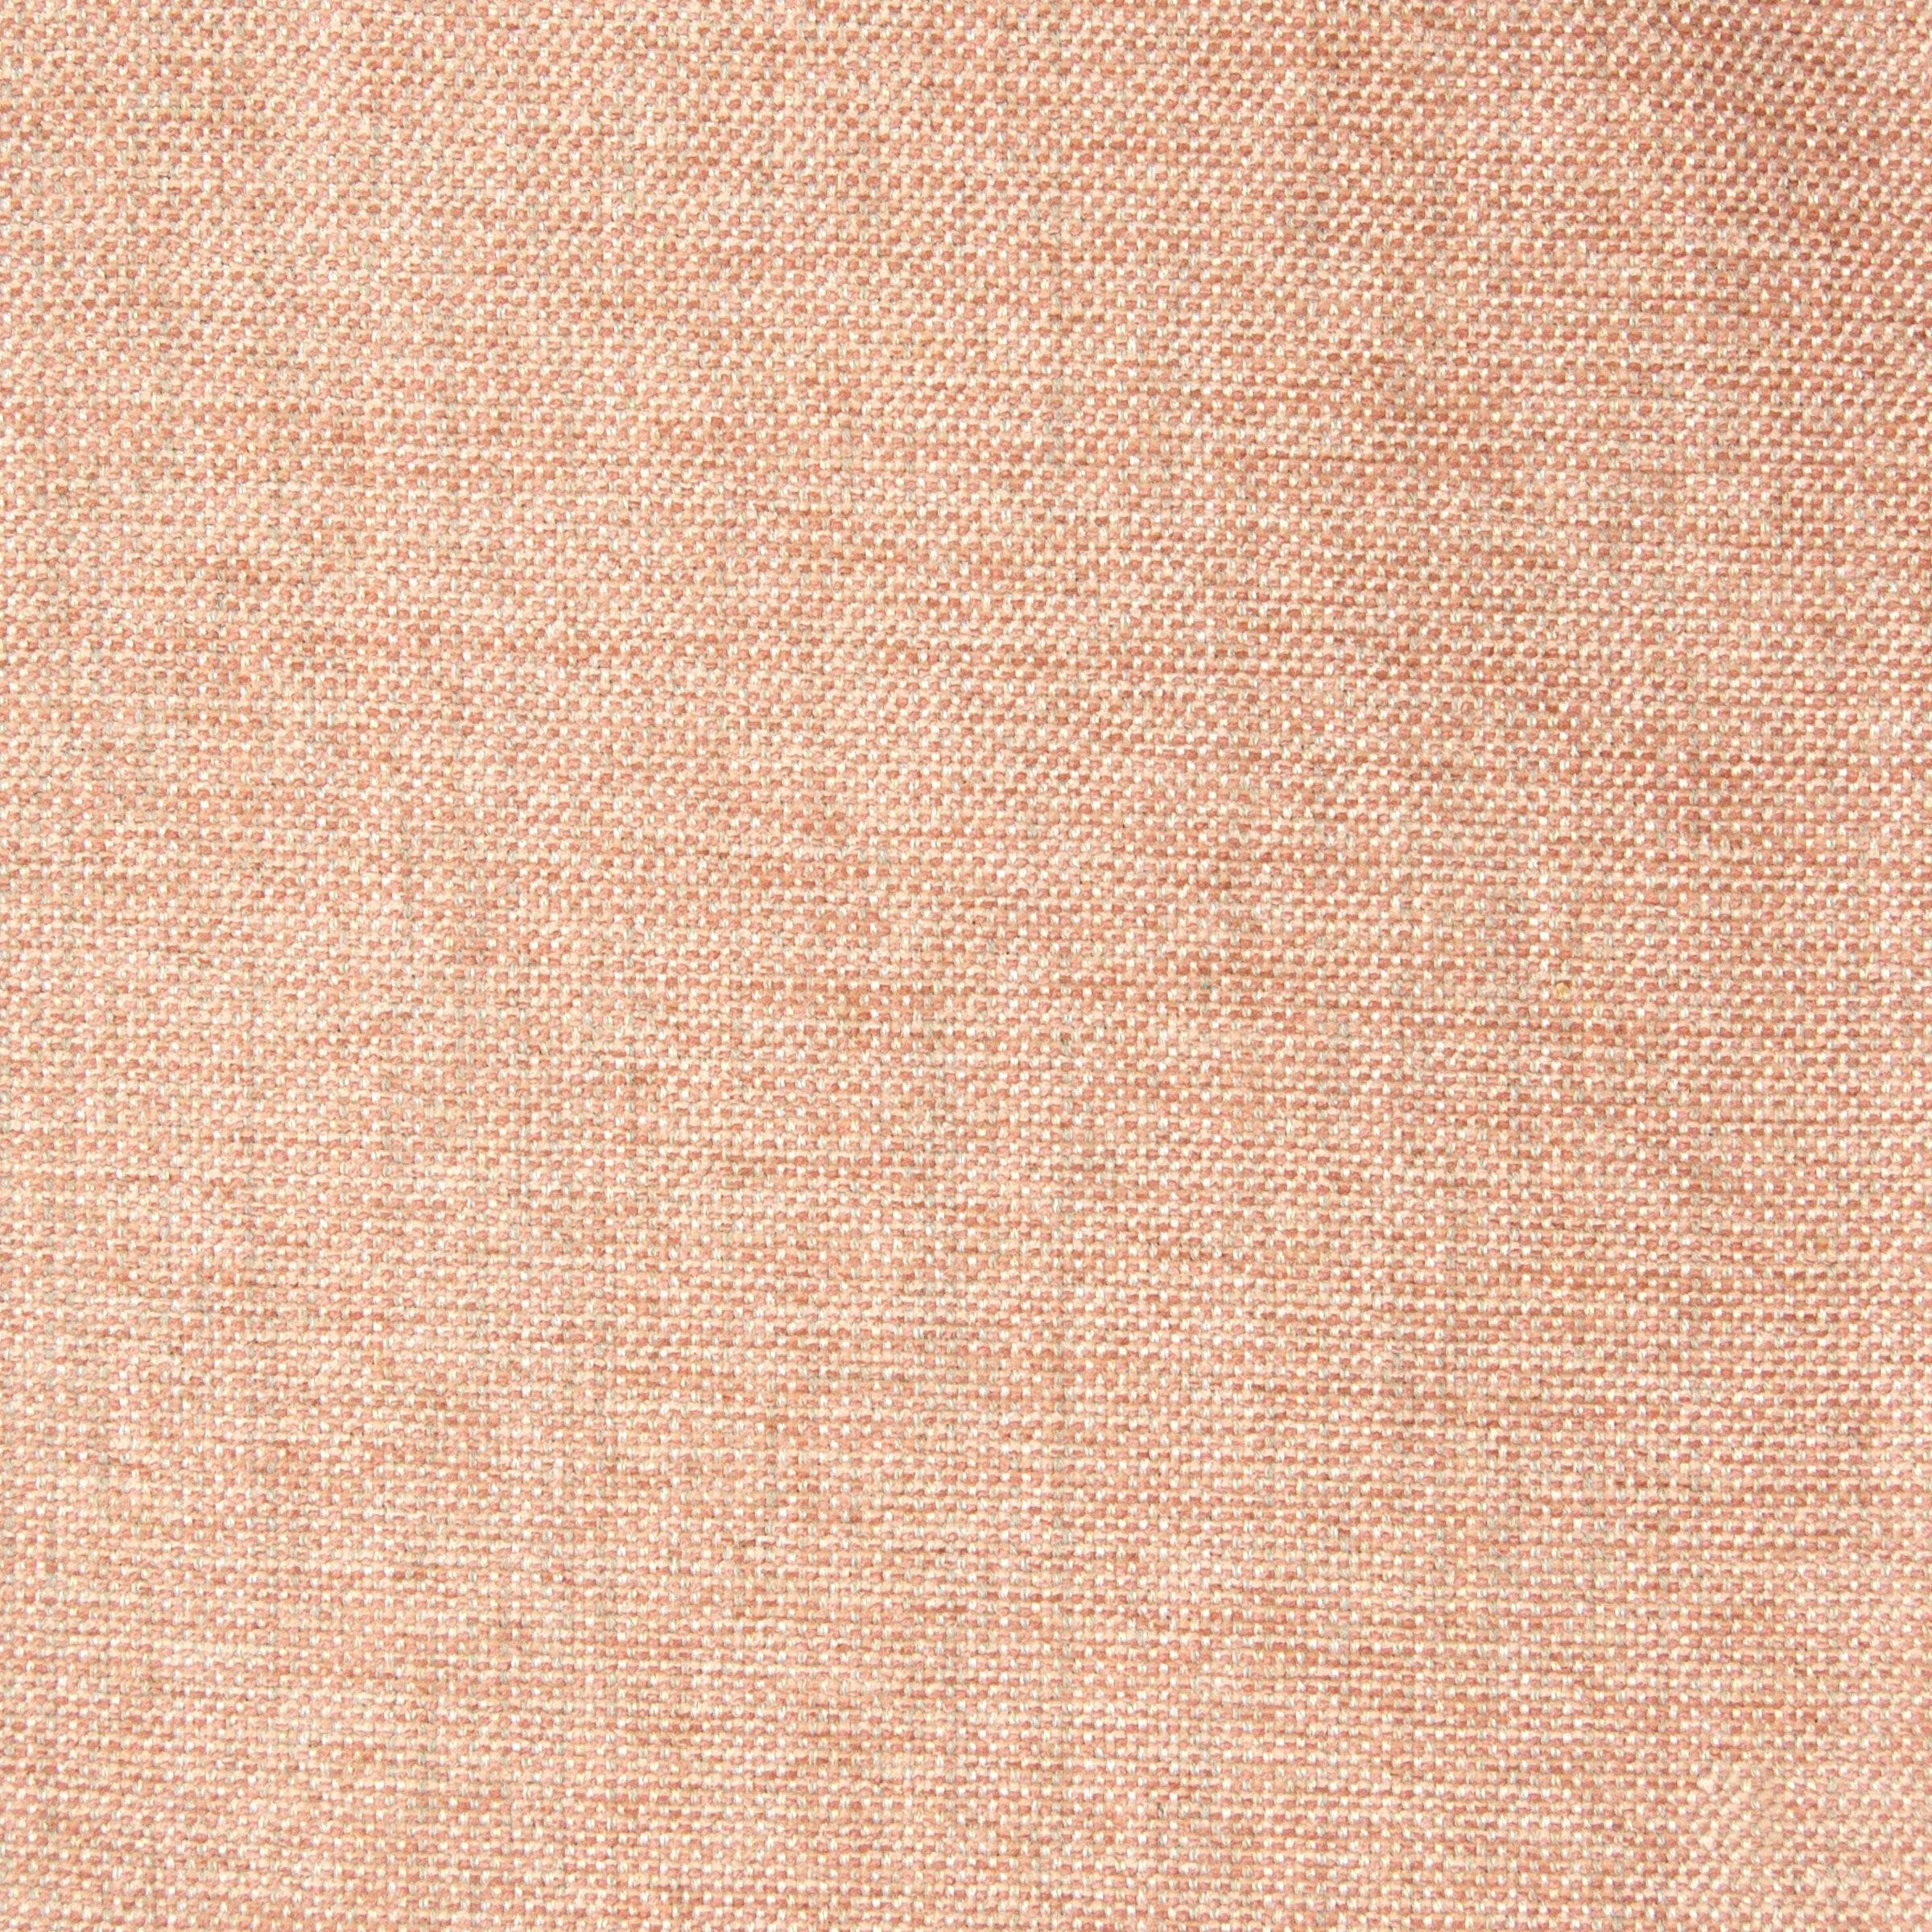 Pin On Blush Fabric Greenhouse Fabrics